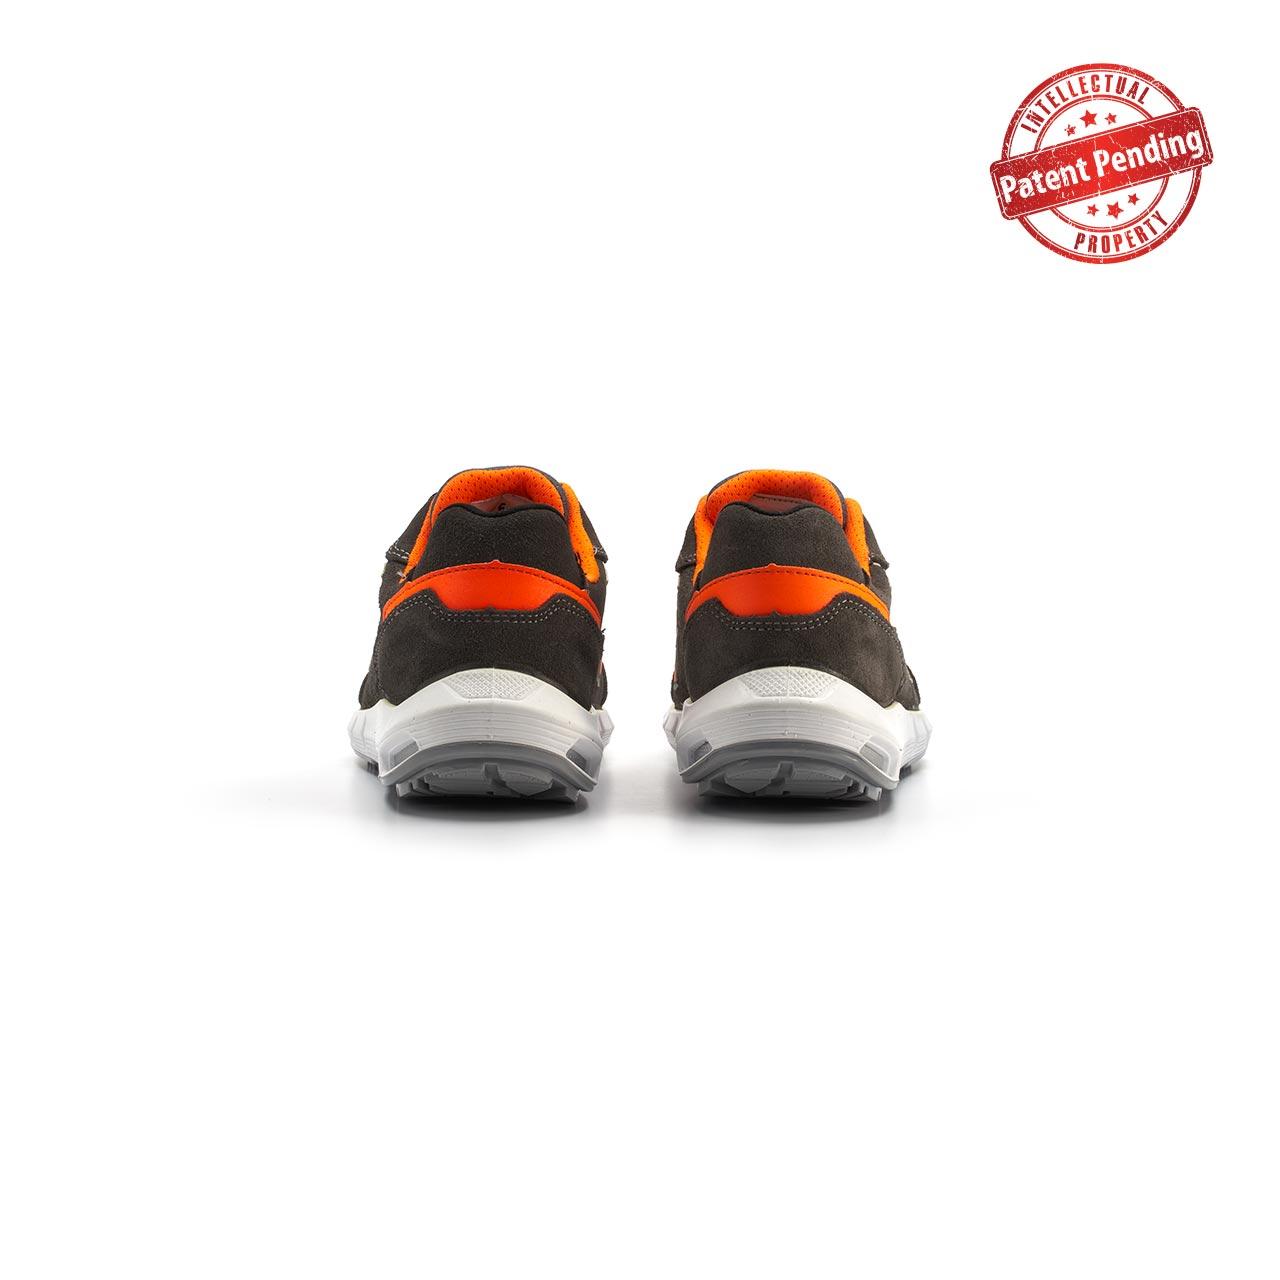 paio di scarpe antinfortunistiche upower modello sirio linea redup plus vista retro